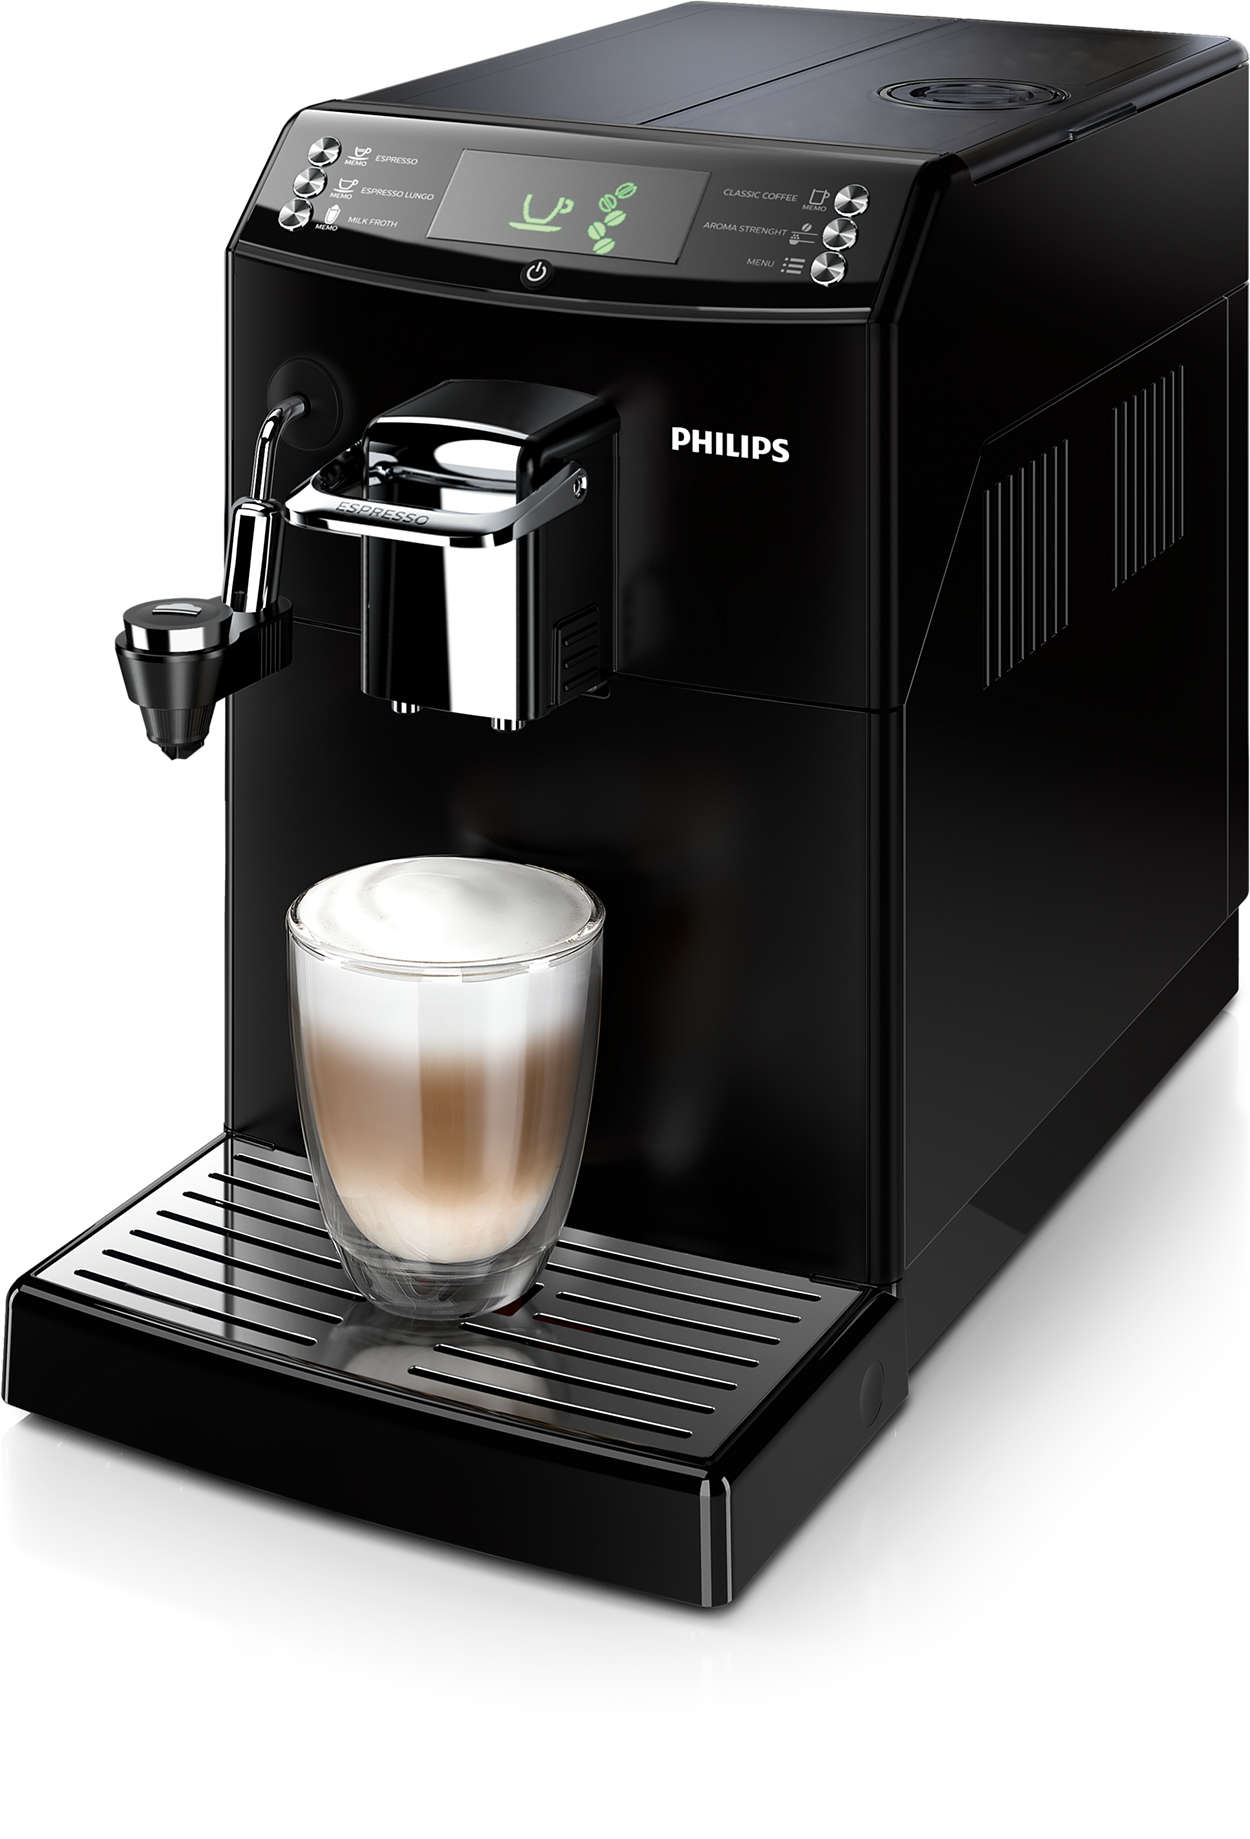 Skvelé espresso achuť prekvapkávanej kávy